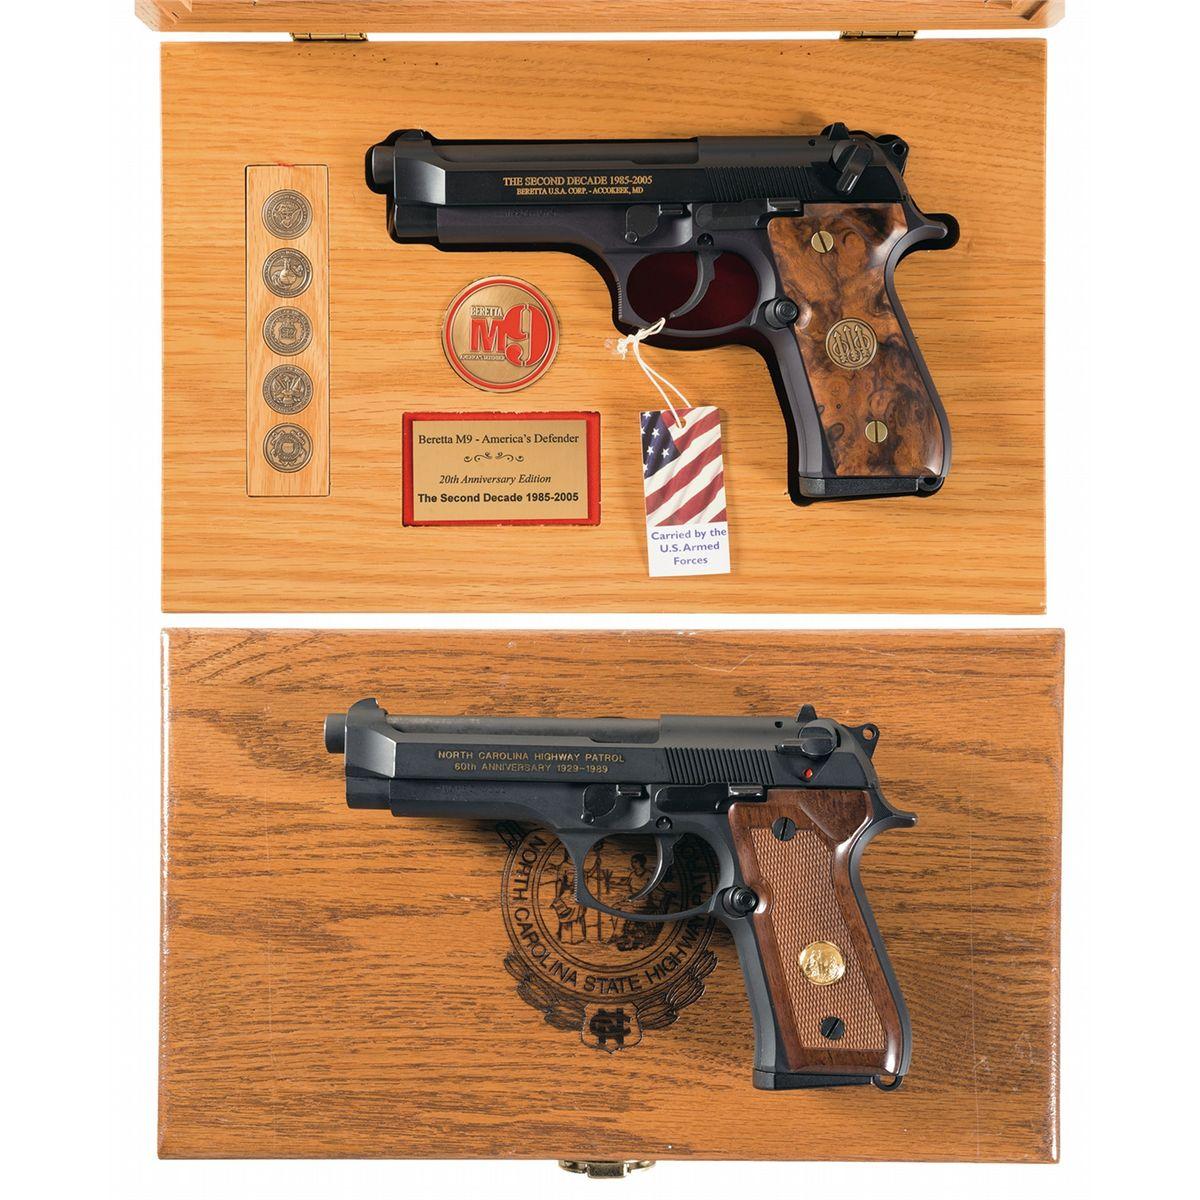 Collector's Lot of Two Cased Commemorative Beretta Semi-Automatic Pistols  -A) Beretta M9 The Second